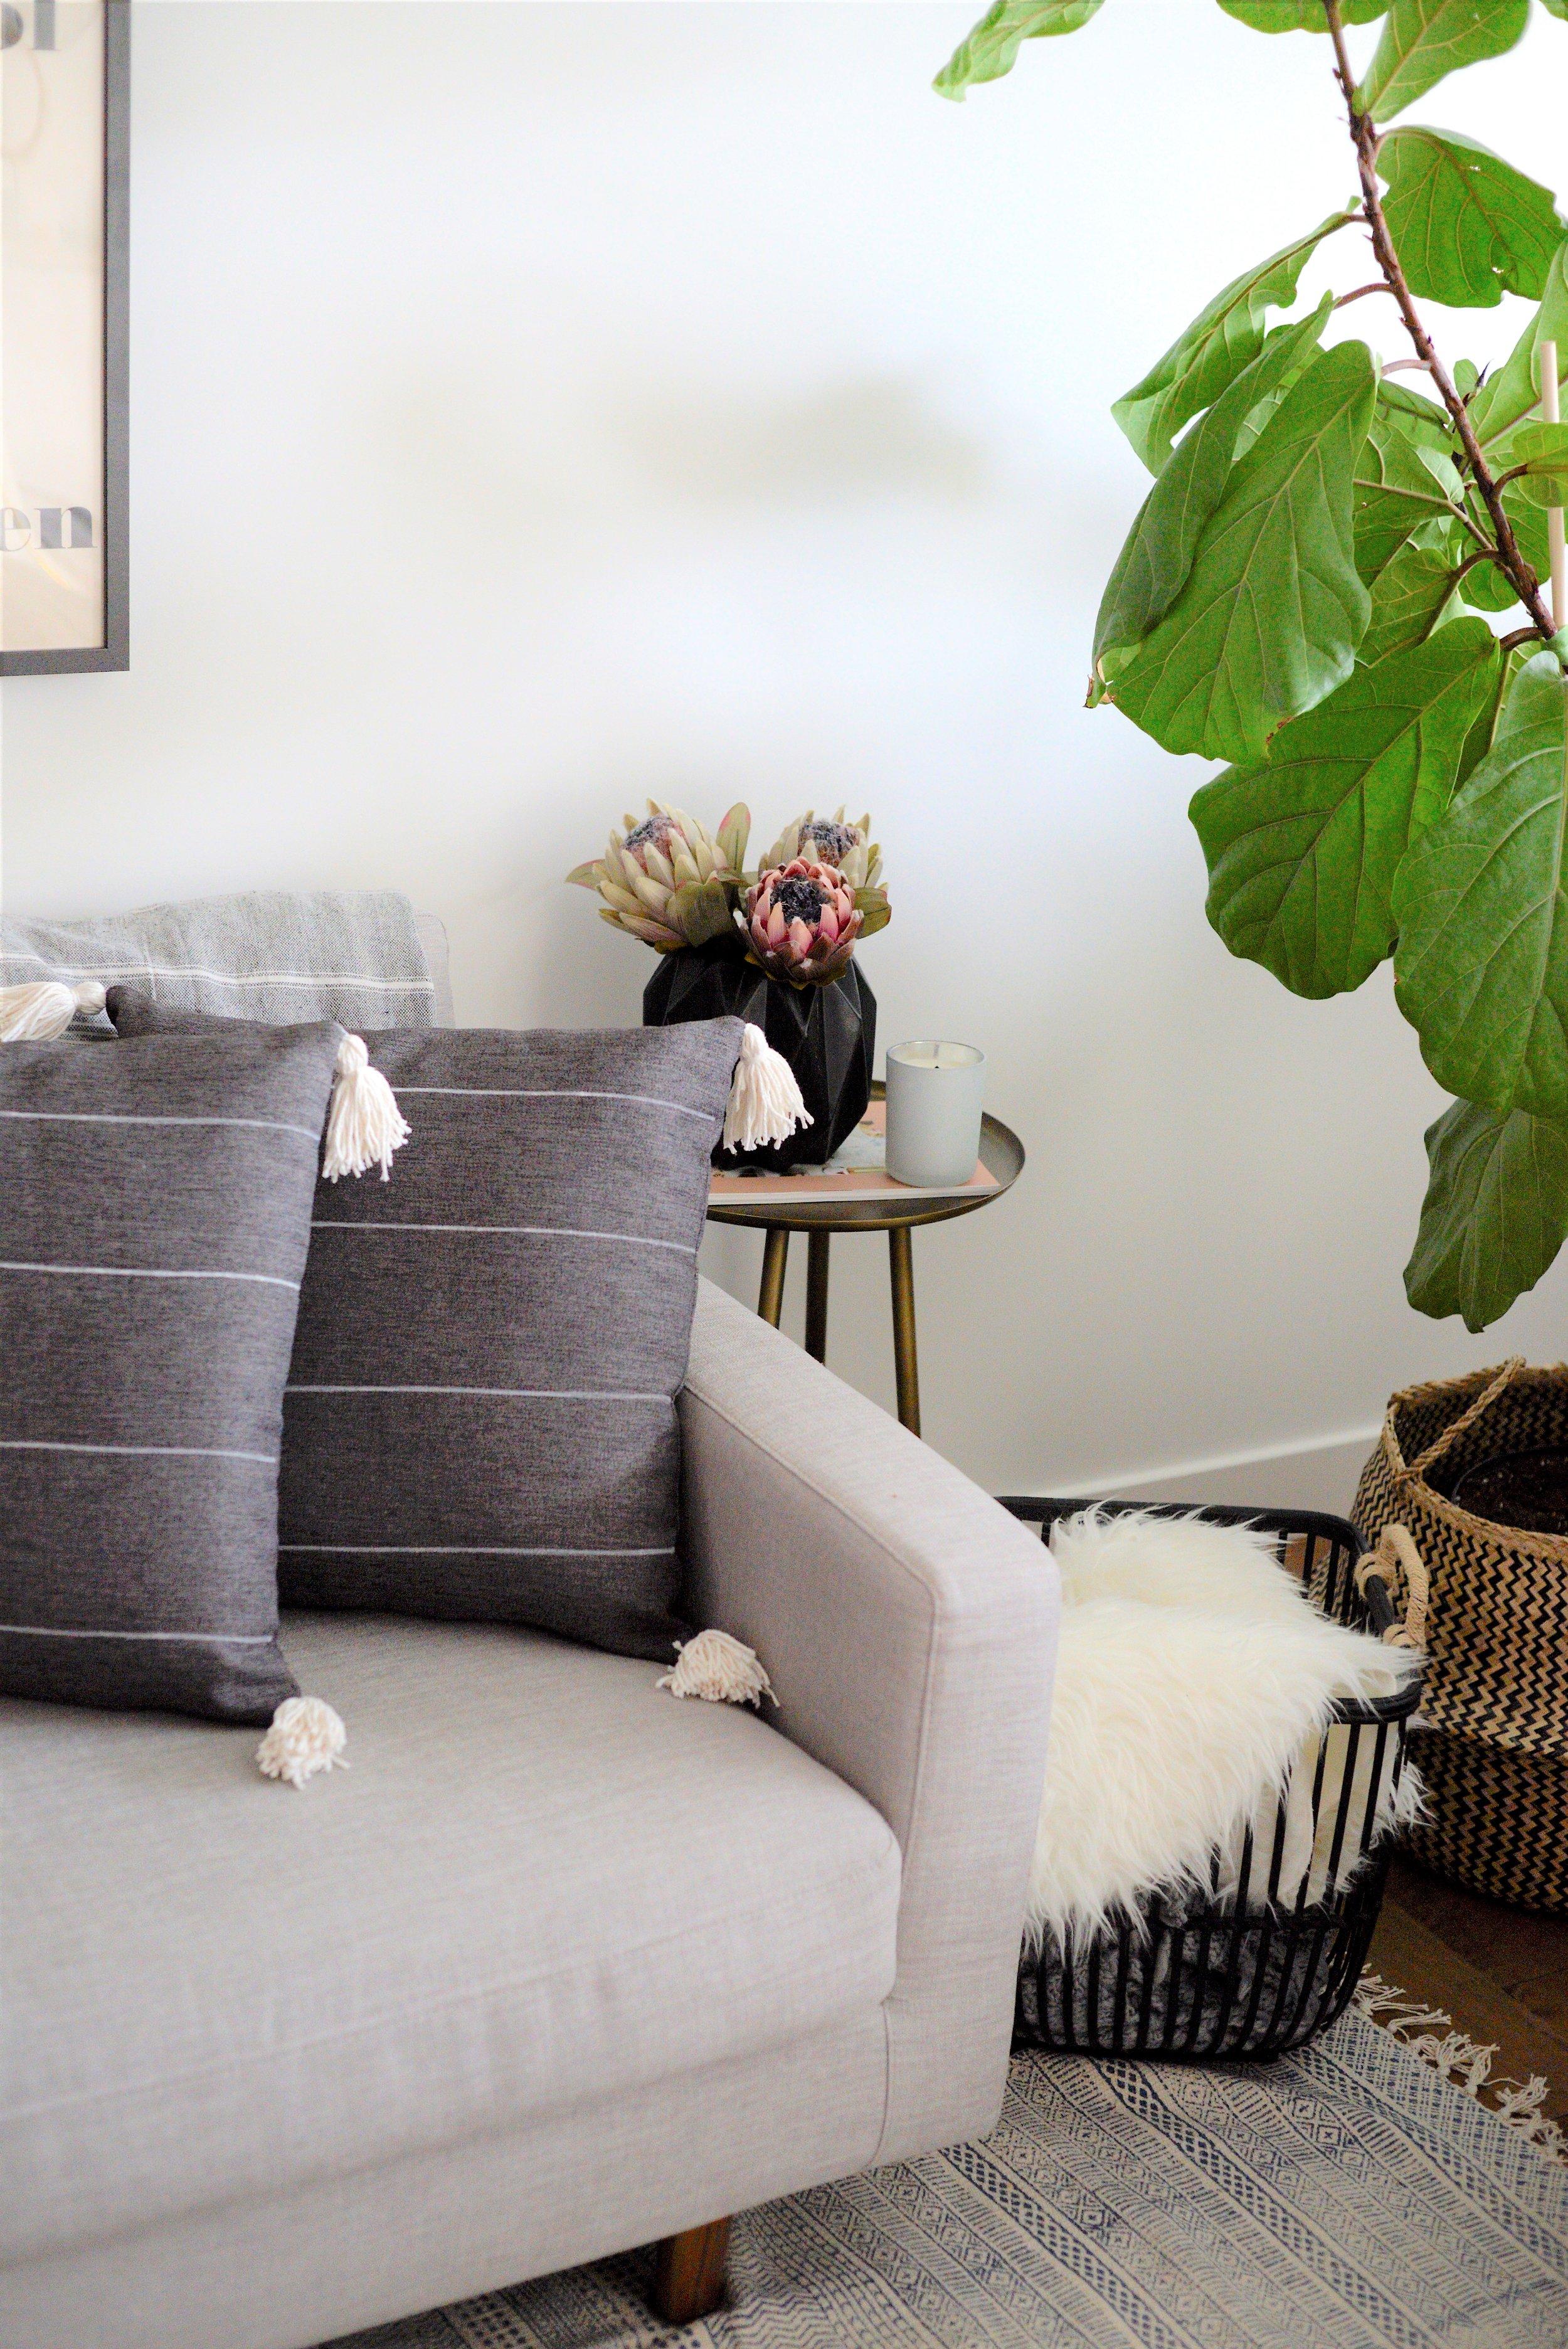 grey striped cushion with tassels